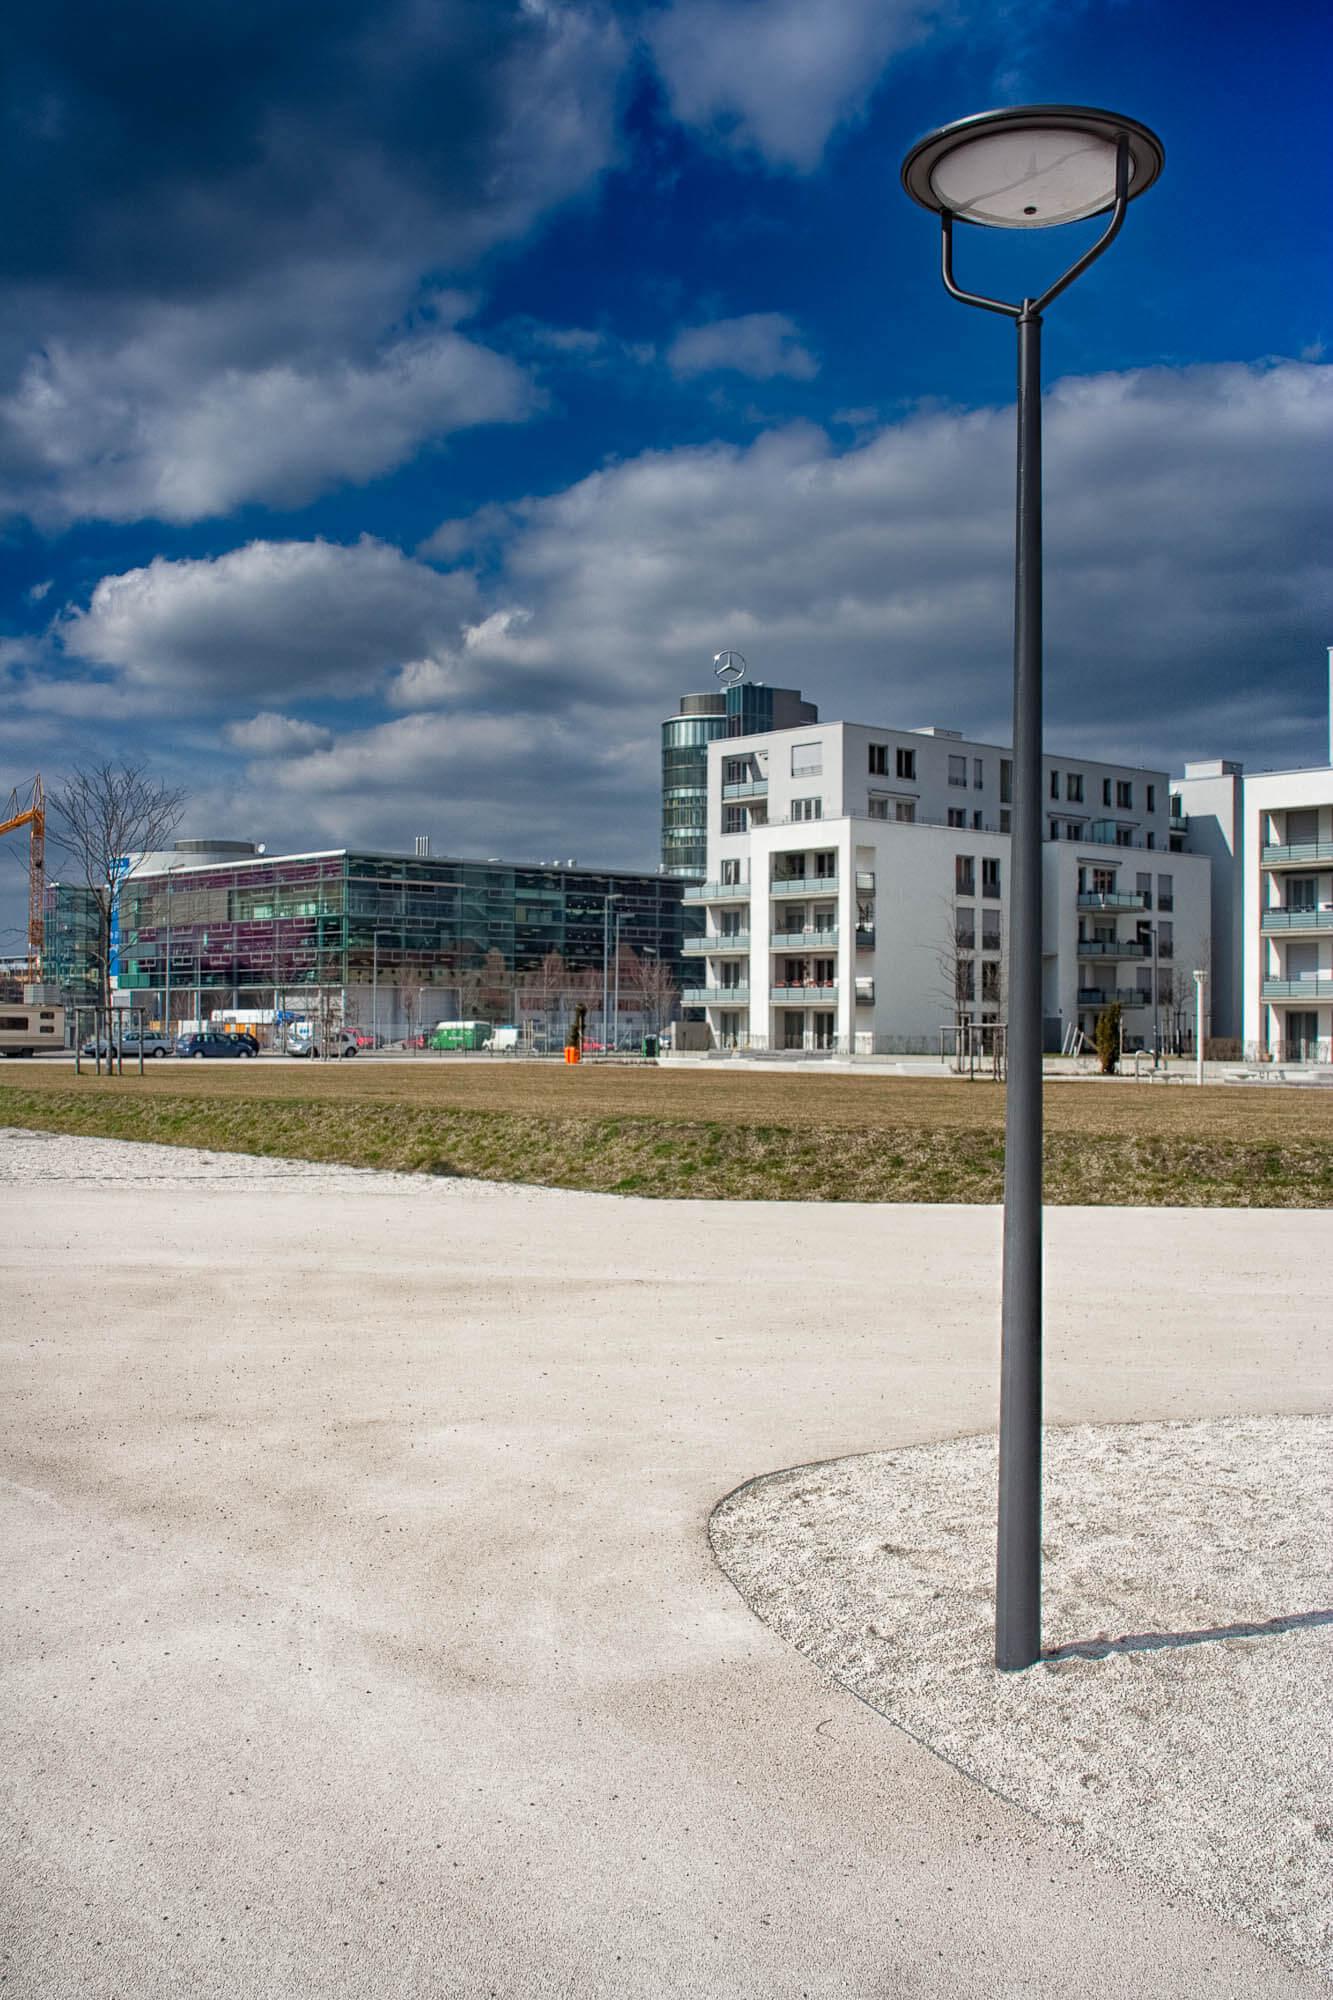 Landschaftsfotografie im städtischen Raum, München Arnulfpark